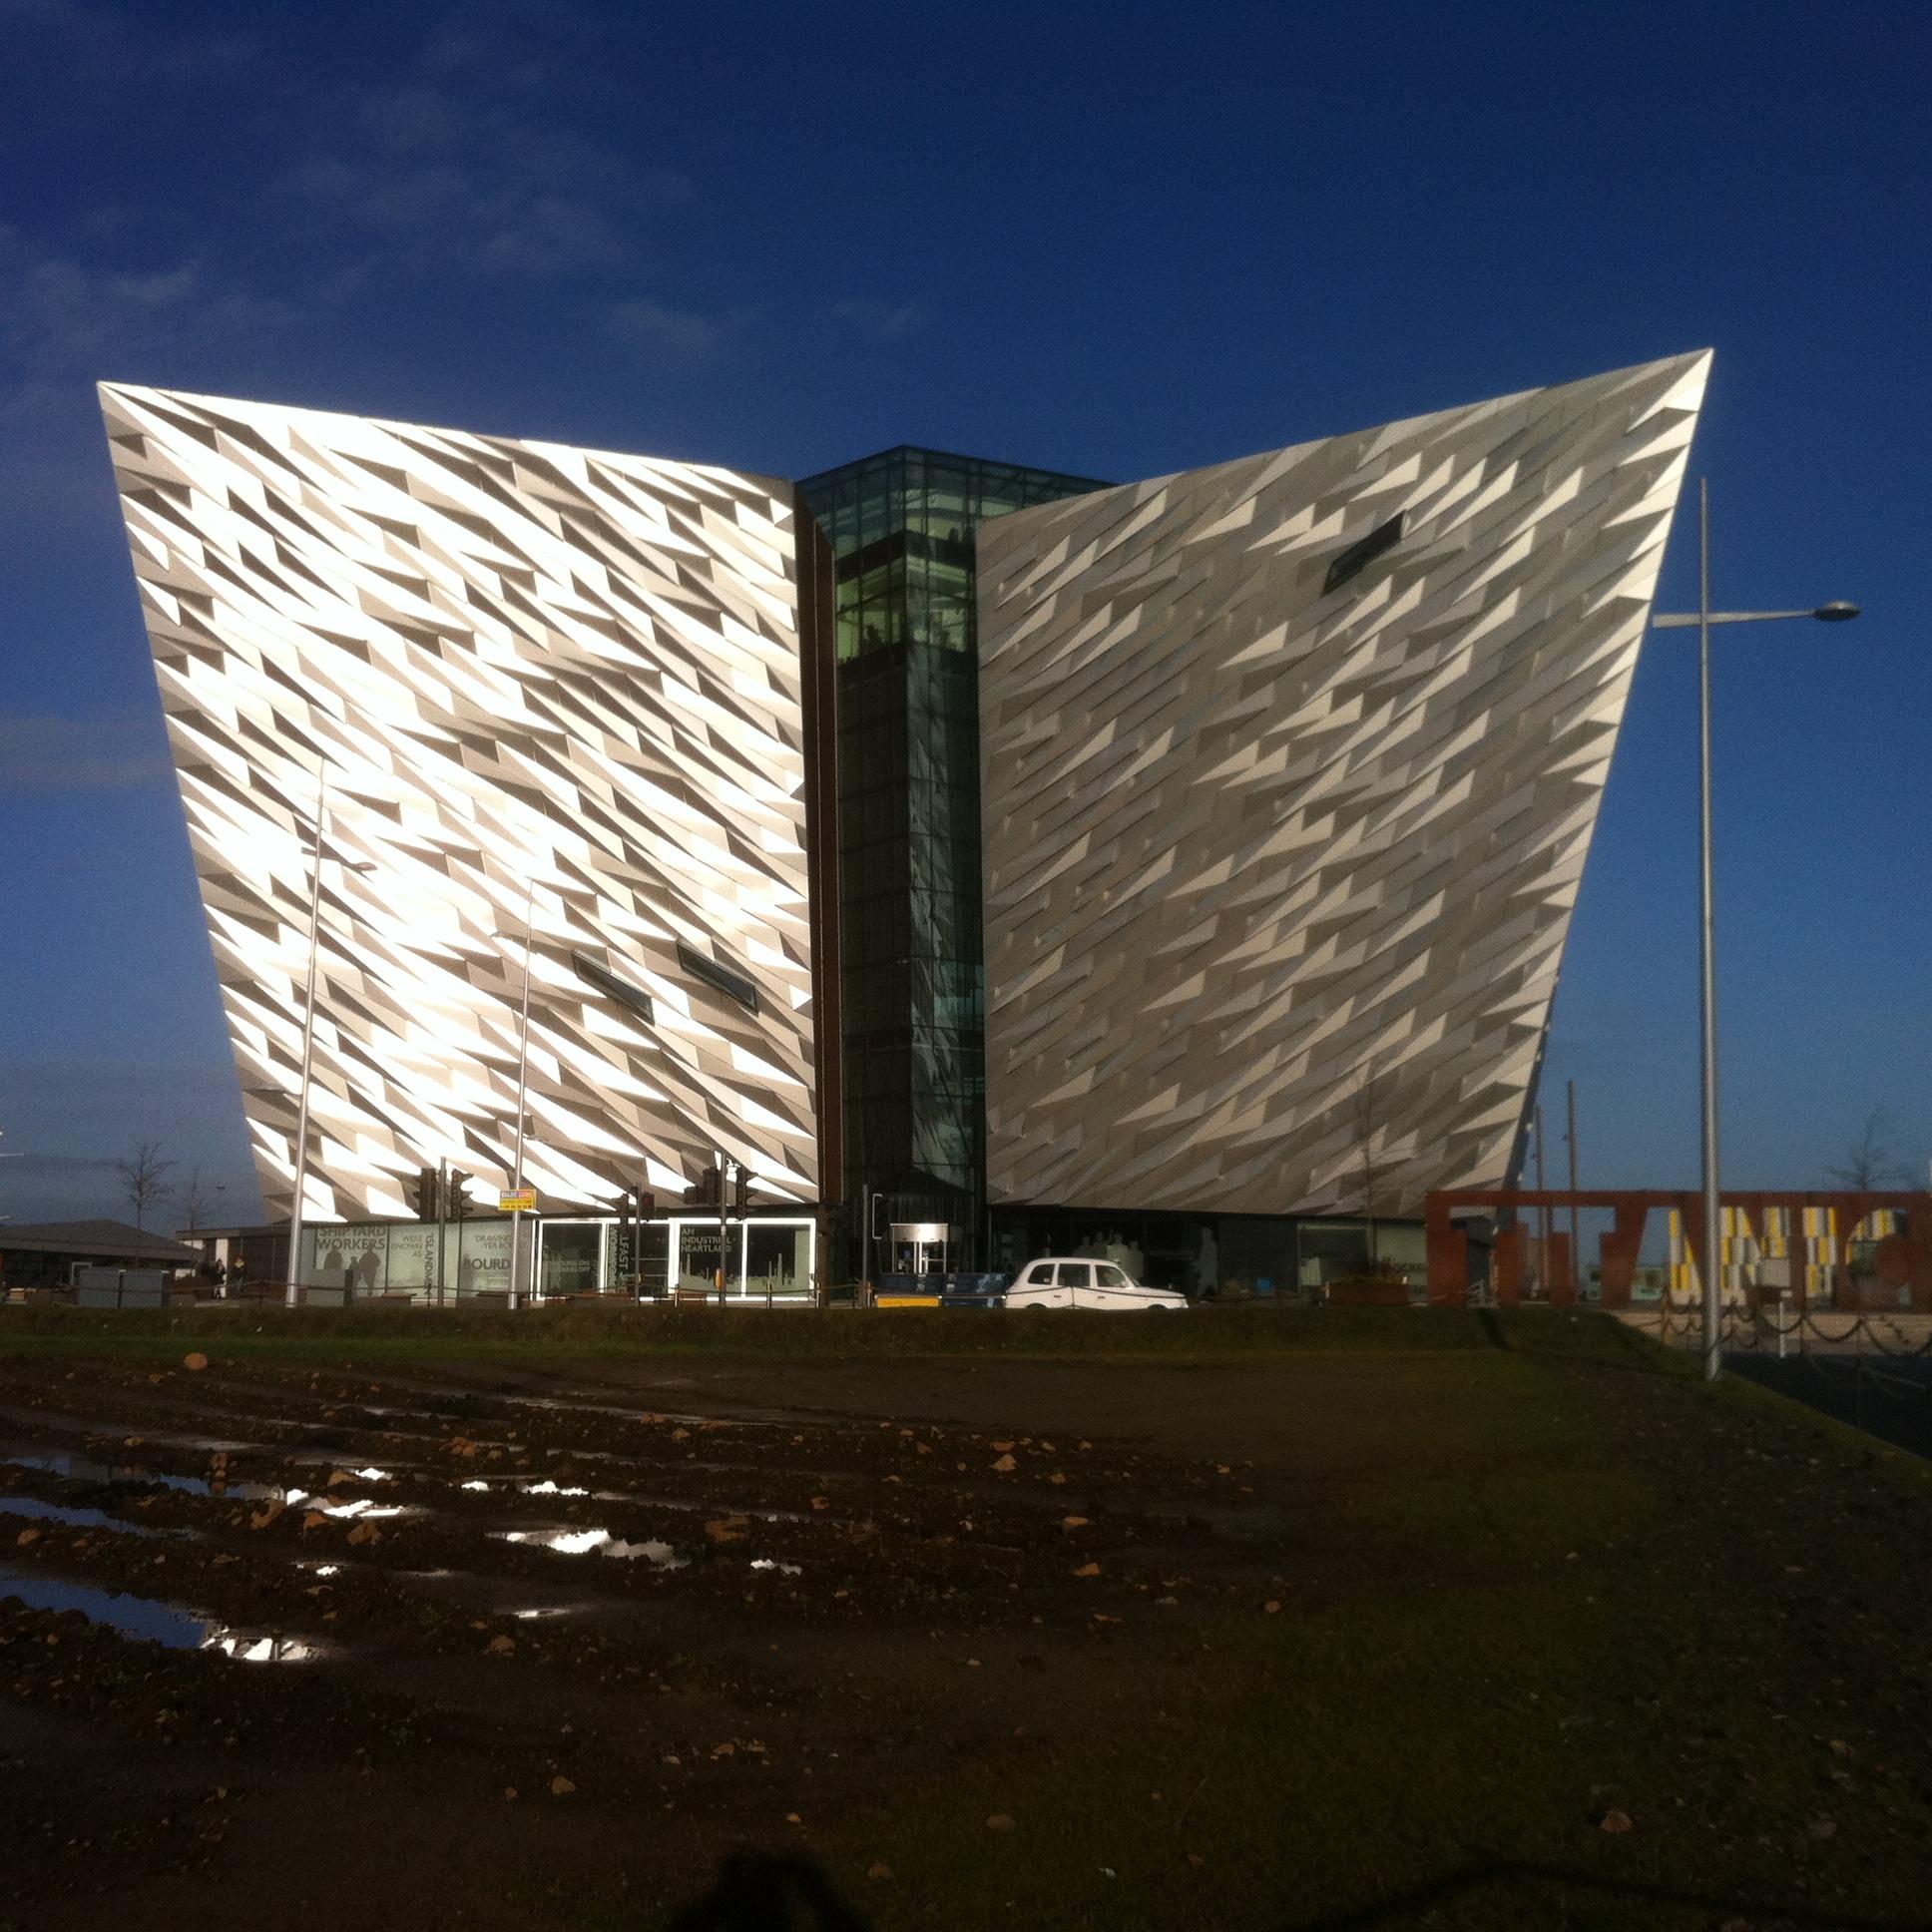 The Titanic Museum in Belfast is cursed